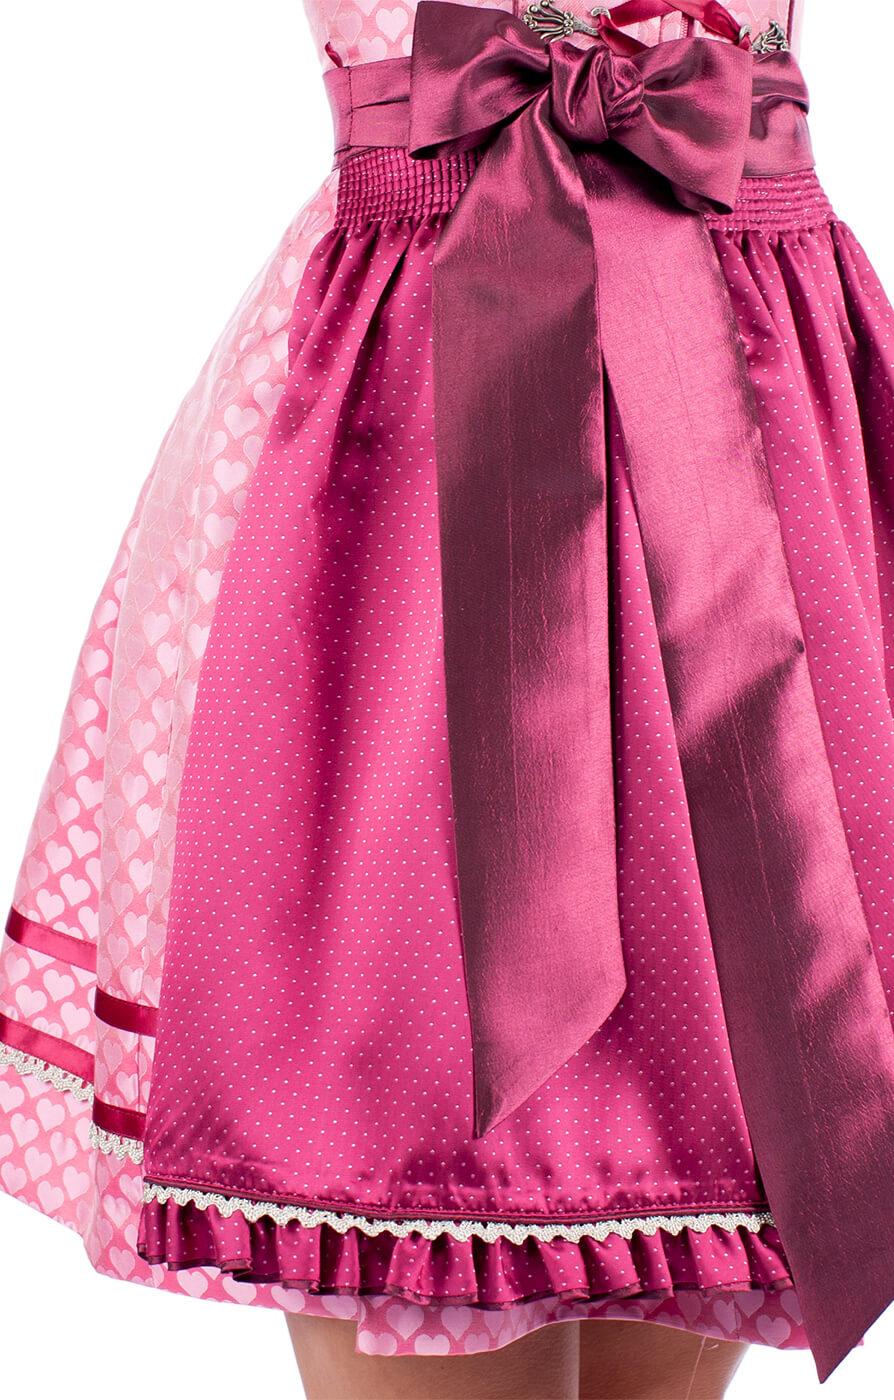 weitere Bilder von Mini Dirndl 2pcs. 42775-35 pink 50cm